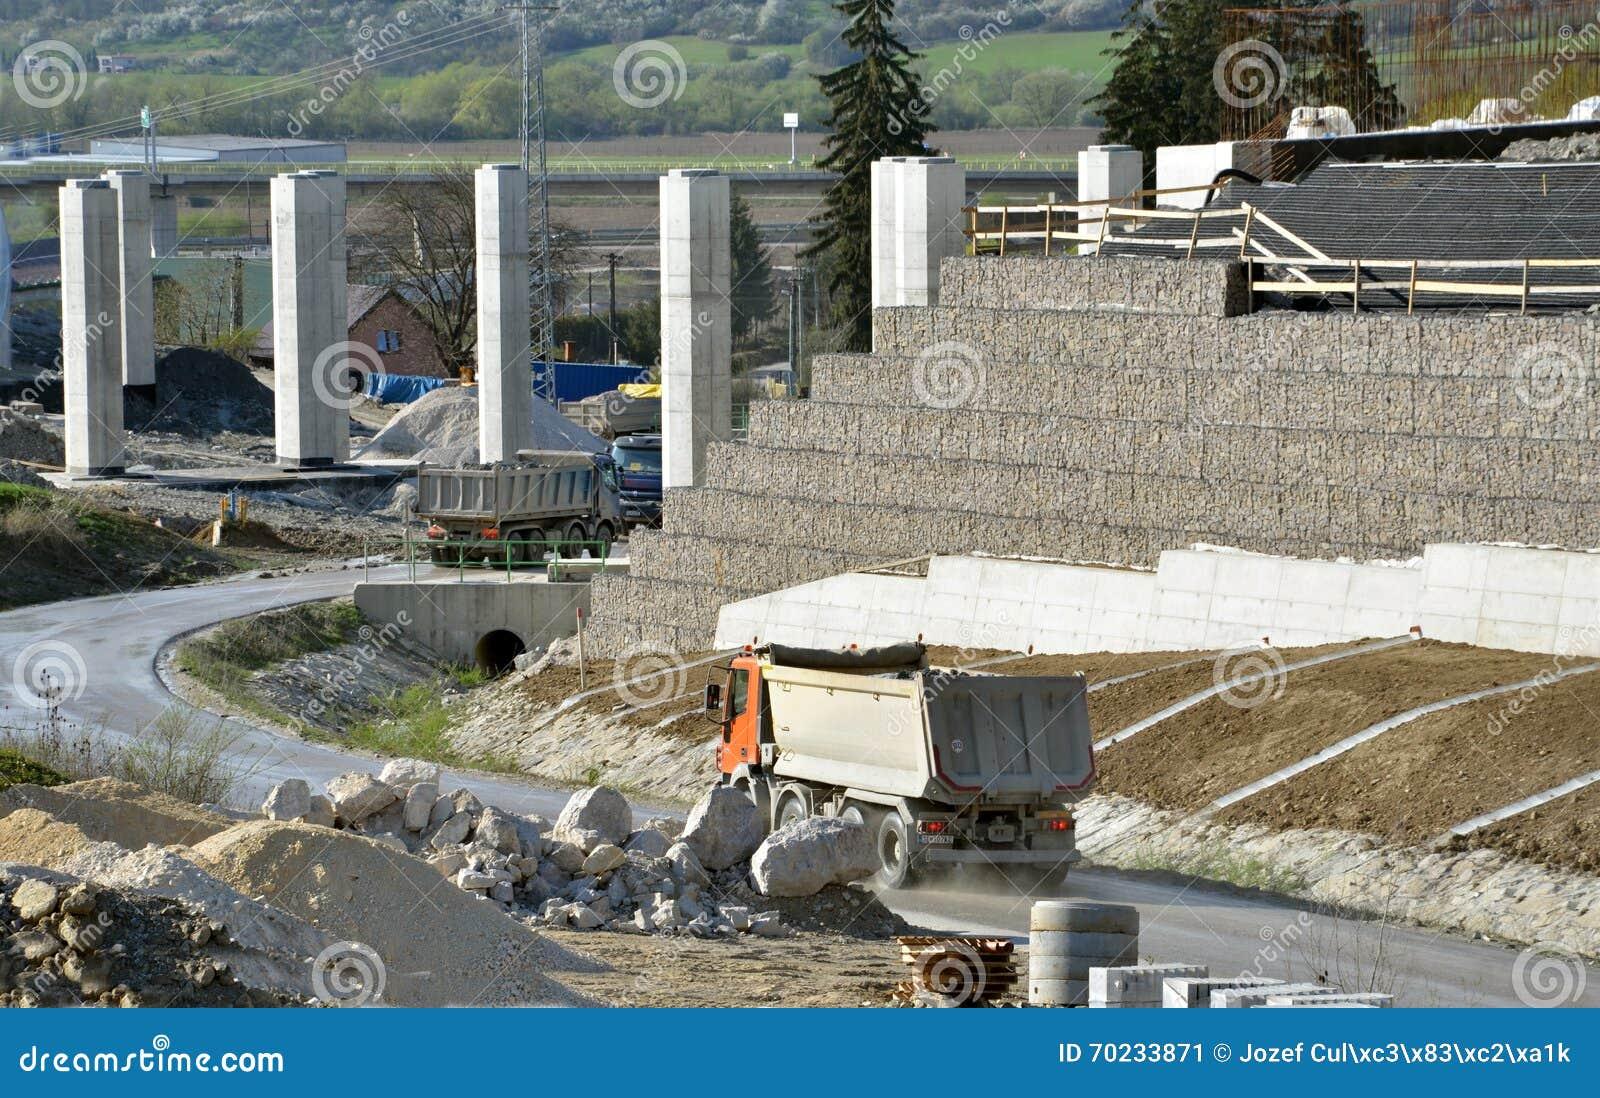 Место производства работ при штендеры, который вытерпели стена и тележки управляя на дороге